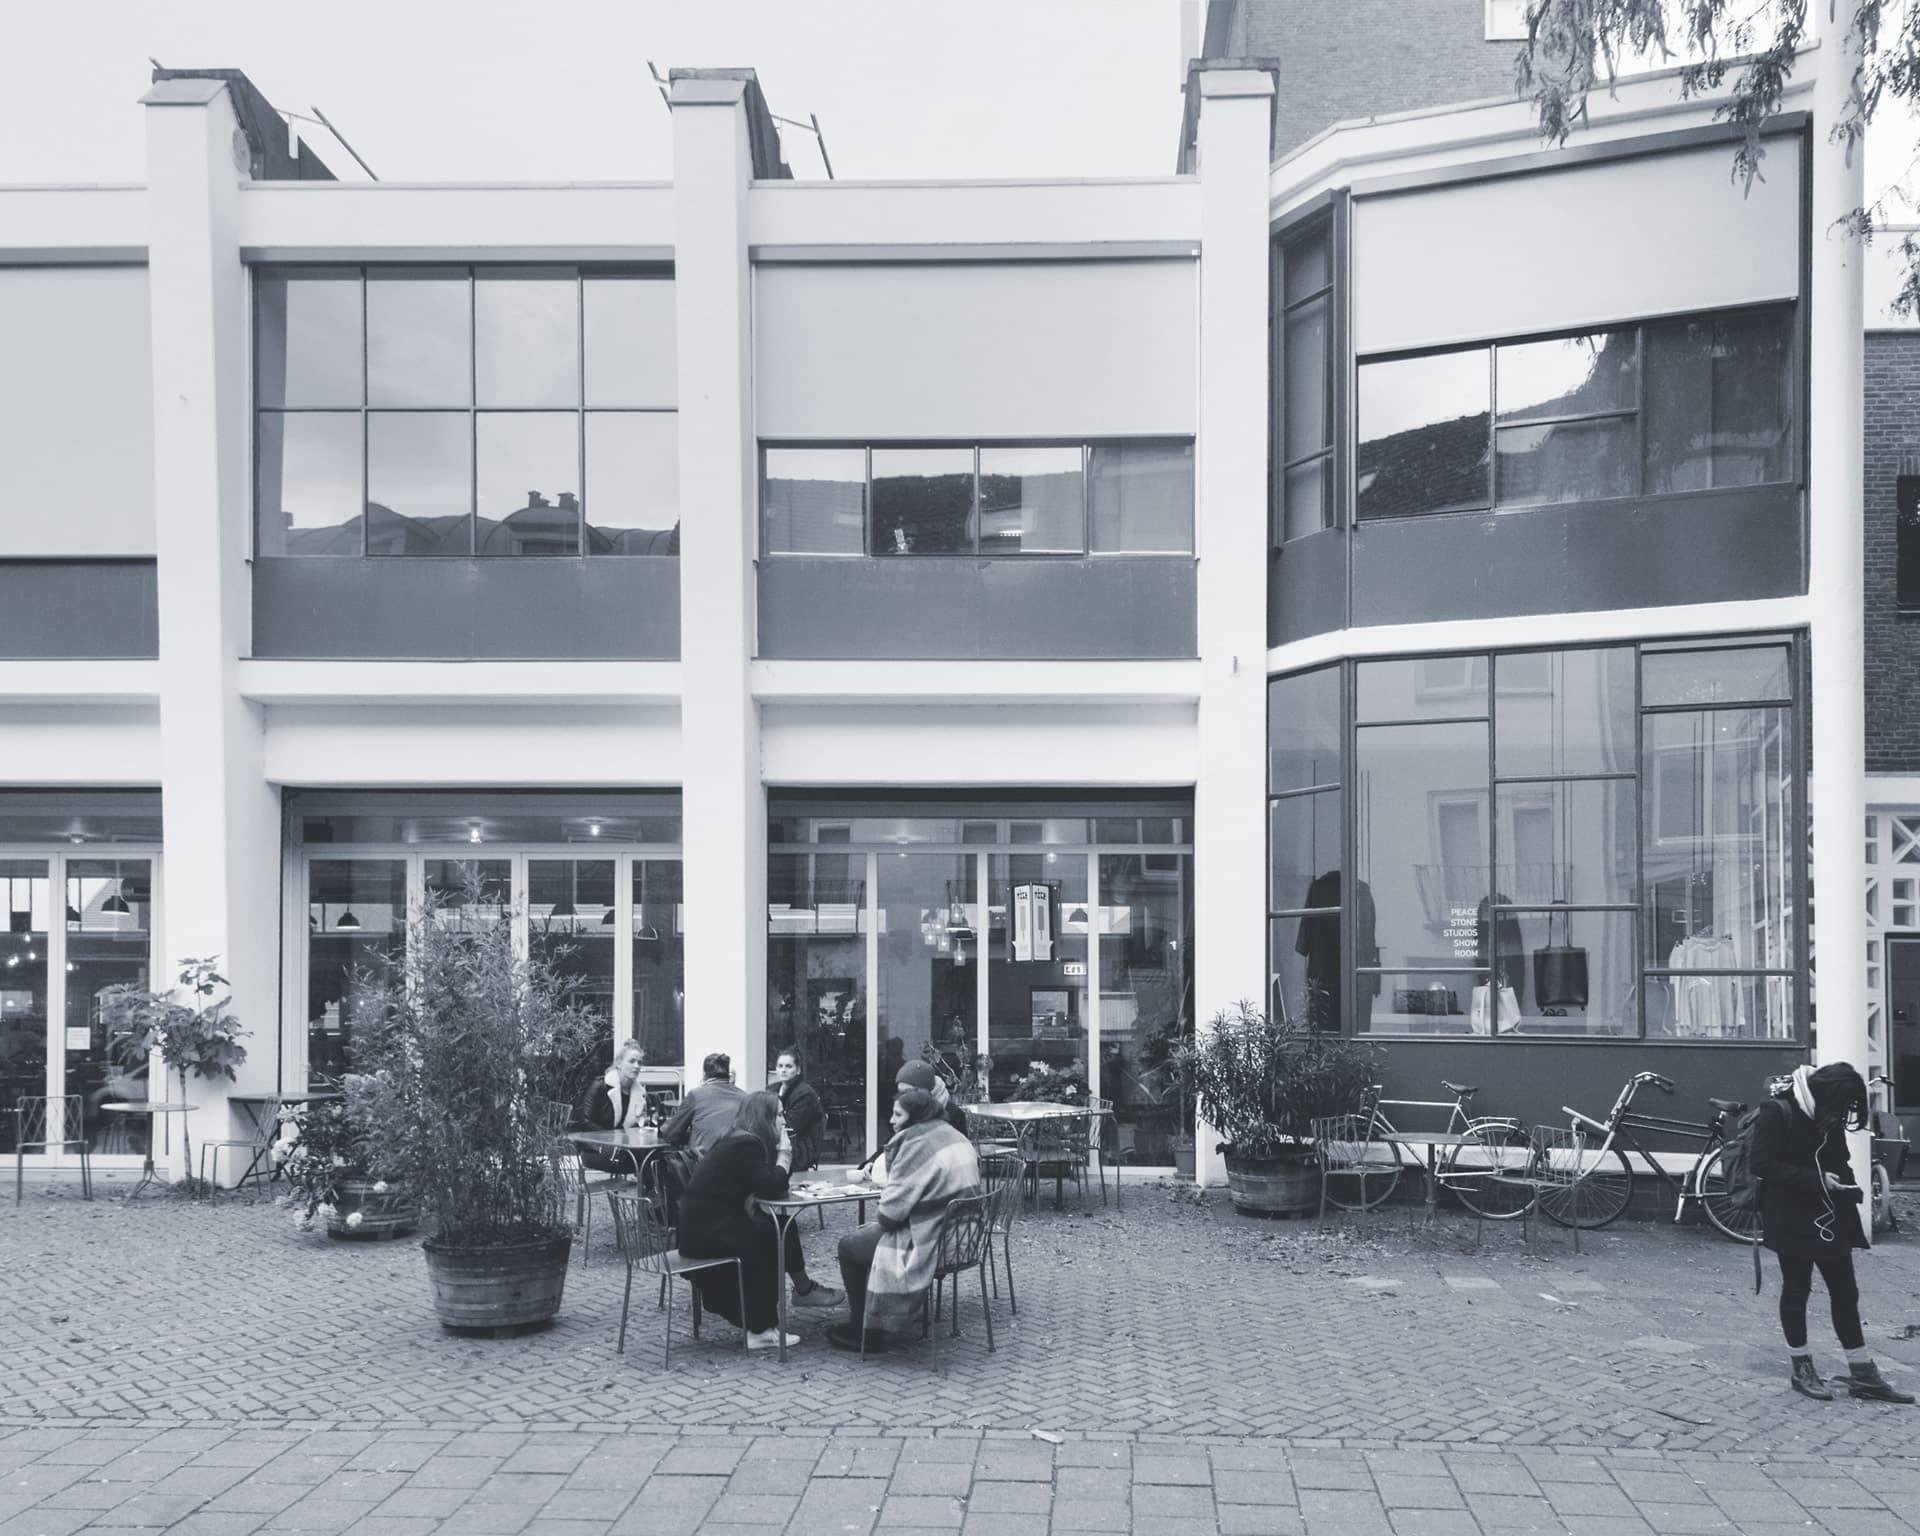 Exterieur van de Brandweer Kantine in beheer van Stichting IPAL Integratie Parkmanagement en Arbeidstoeleiding Limburg gebouw en gebiedsmanagement